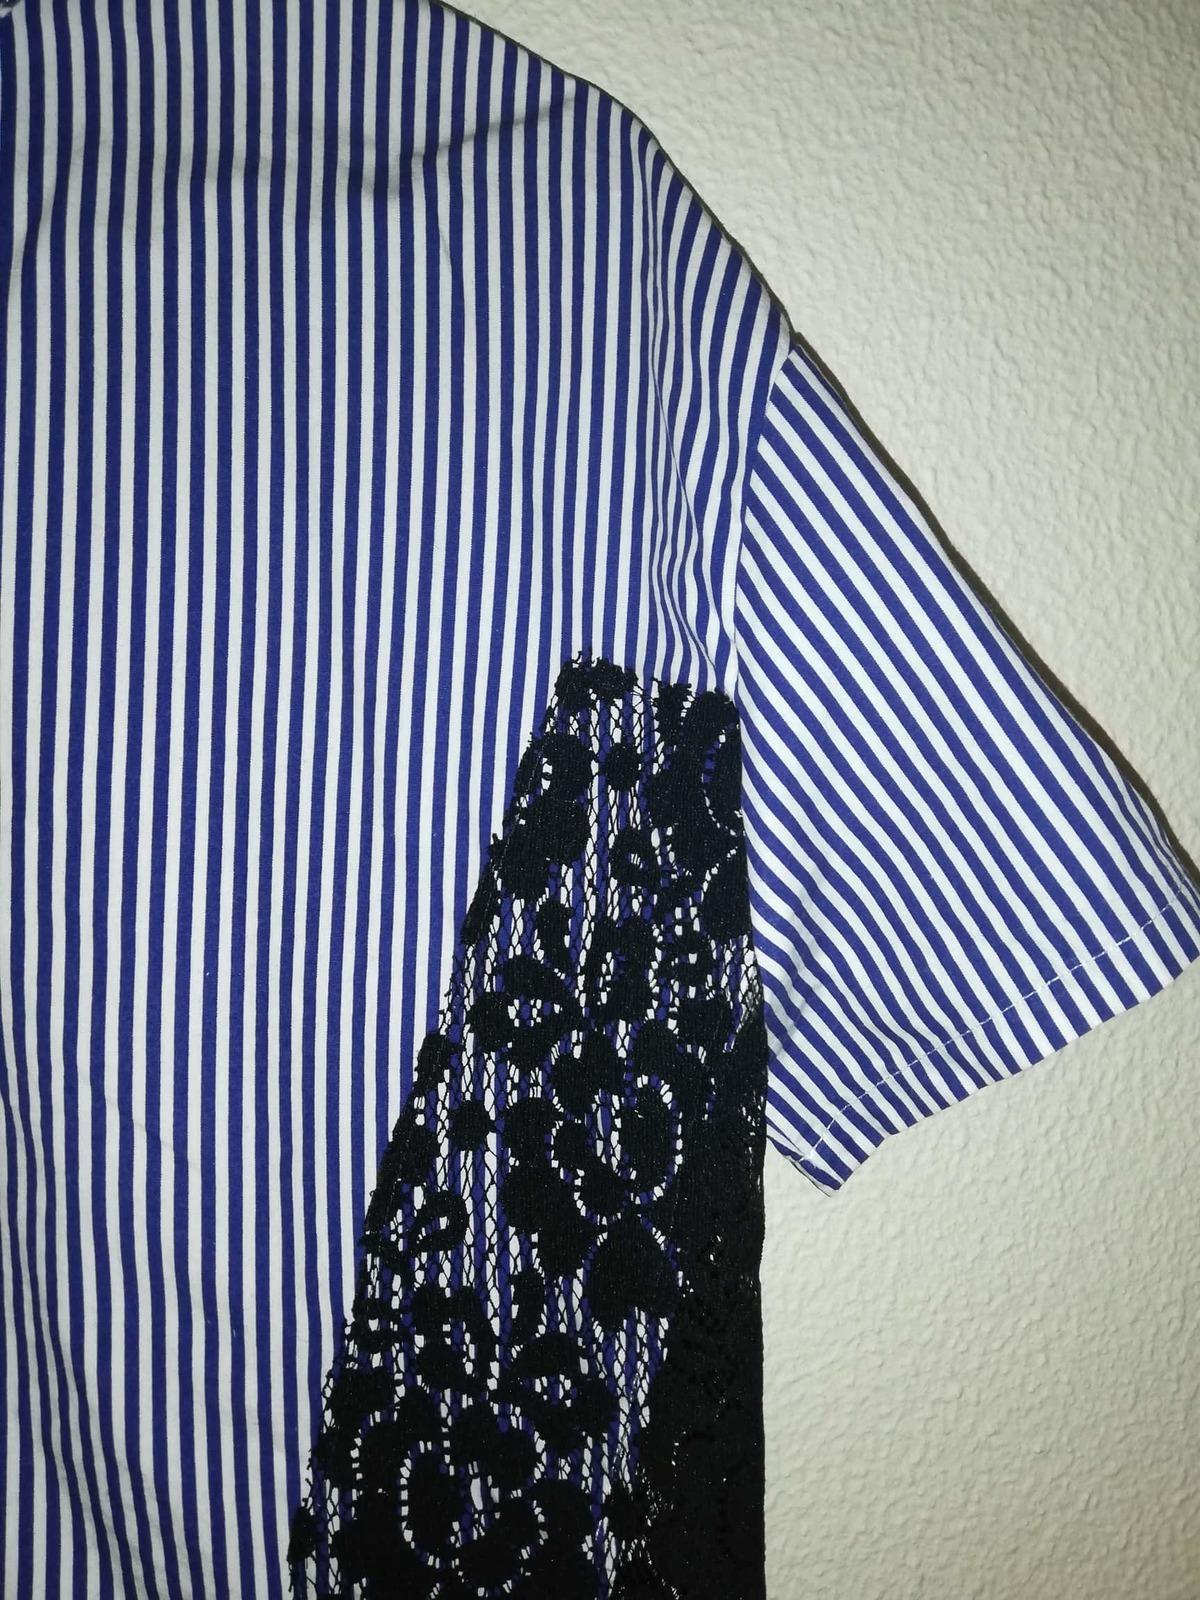 Blusa Feminina Zara riscas azuis escuras 1